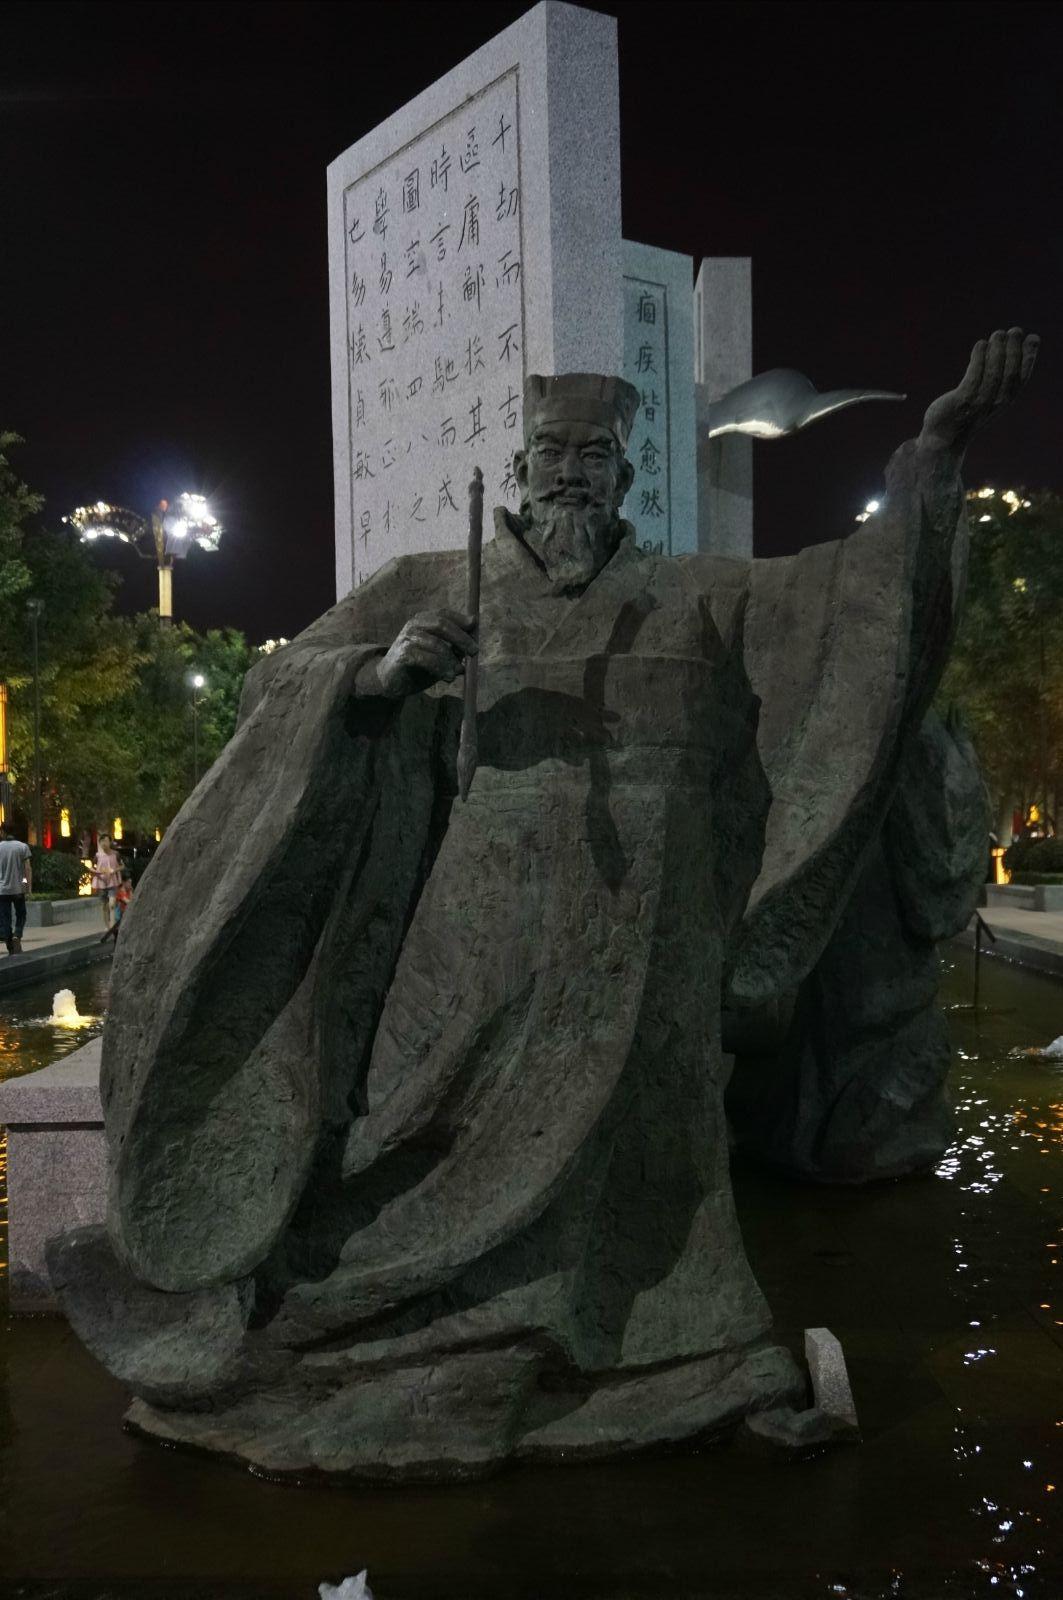 大唐群英谱雕塑   该区域作为大雁塔南广场与贞观广场的中轴线视觉走